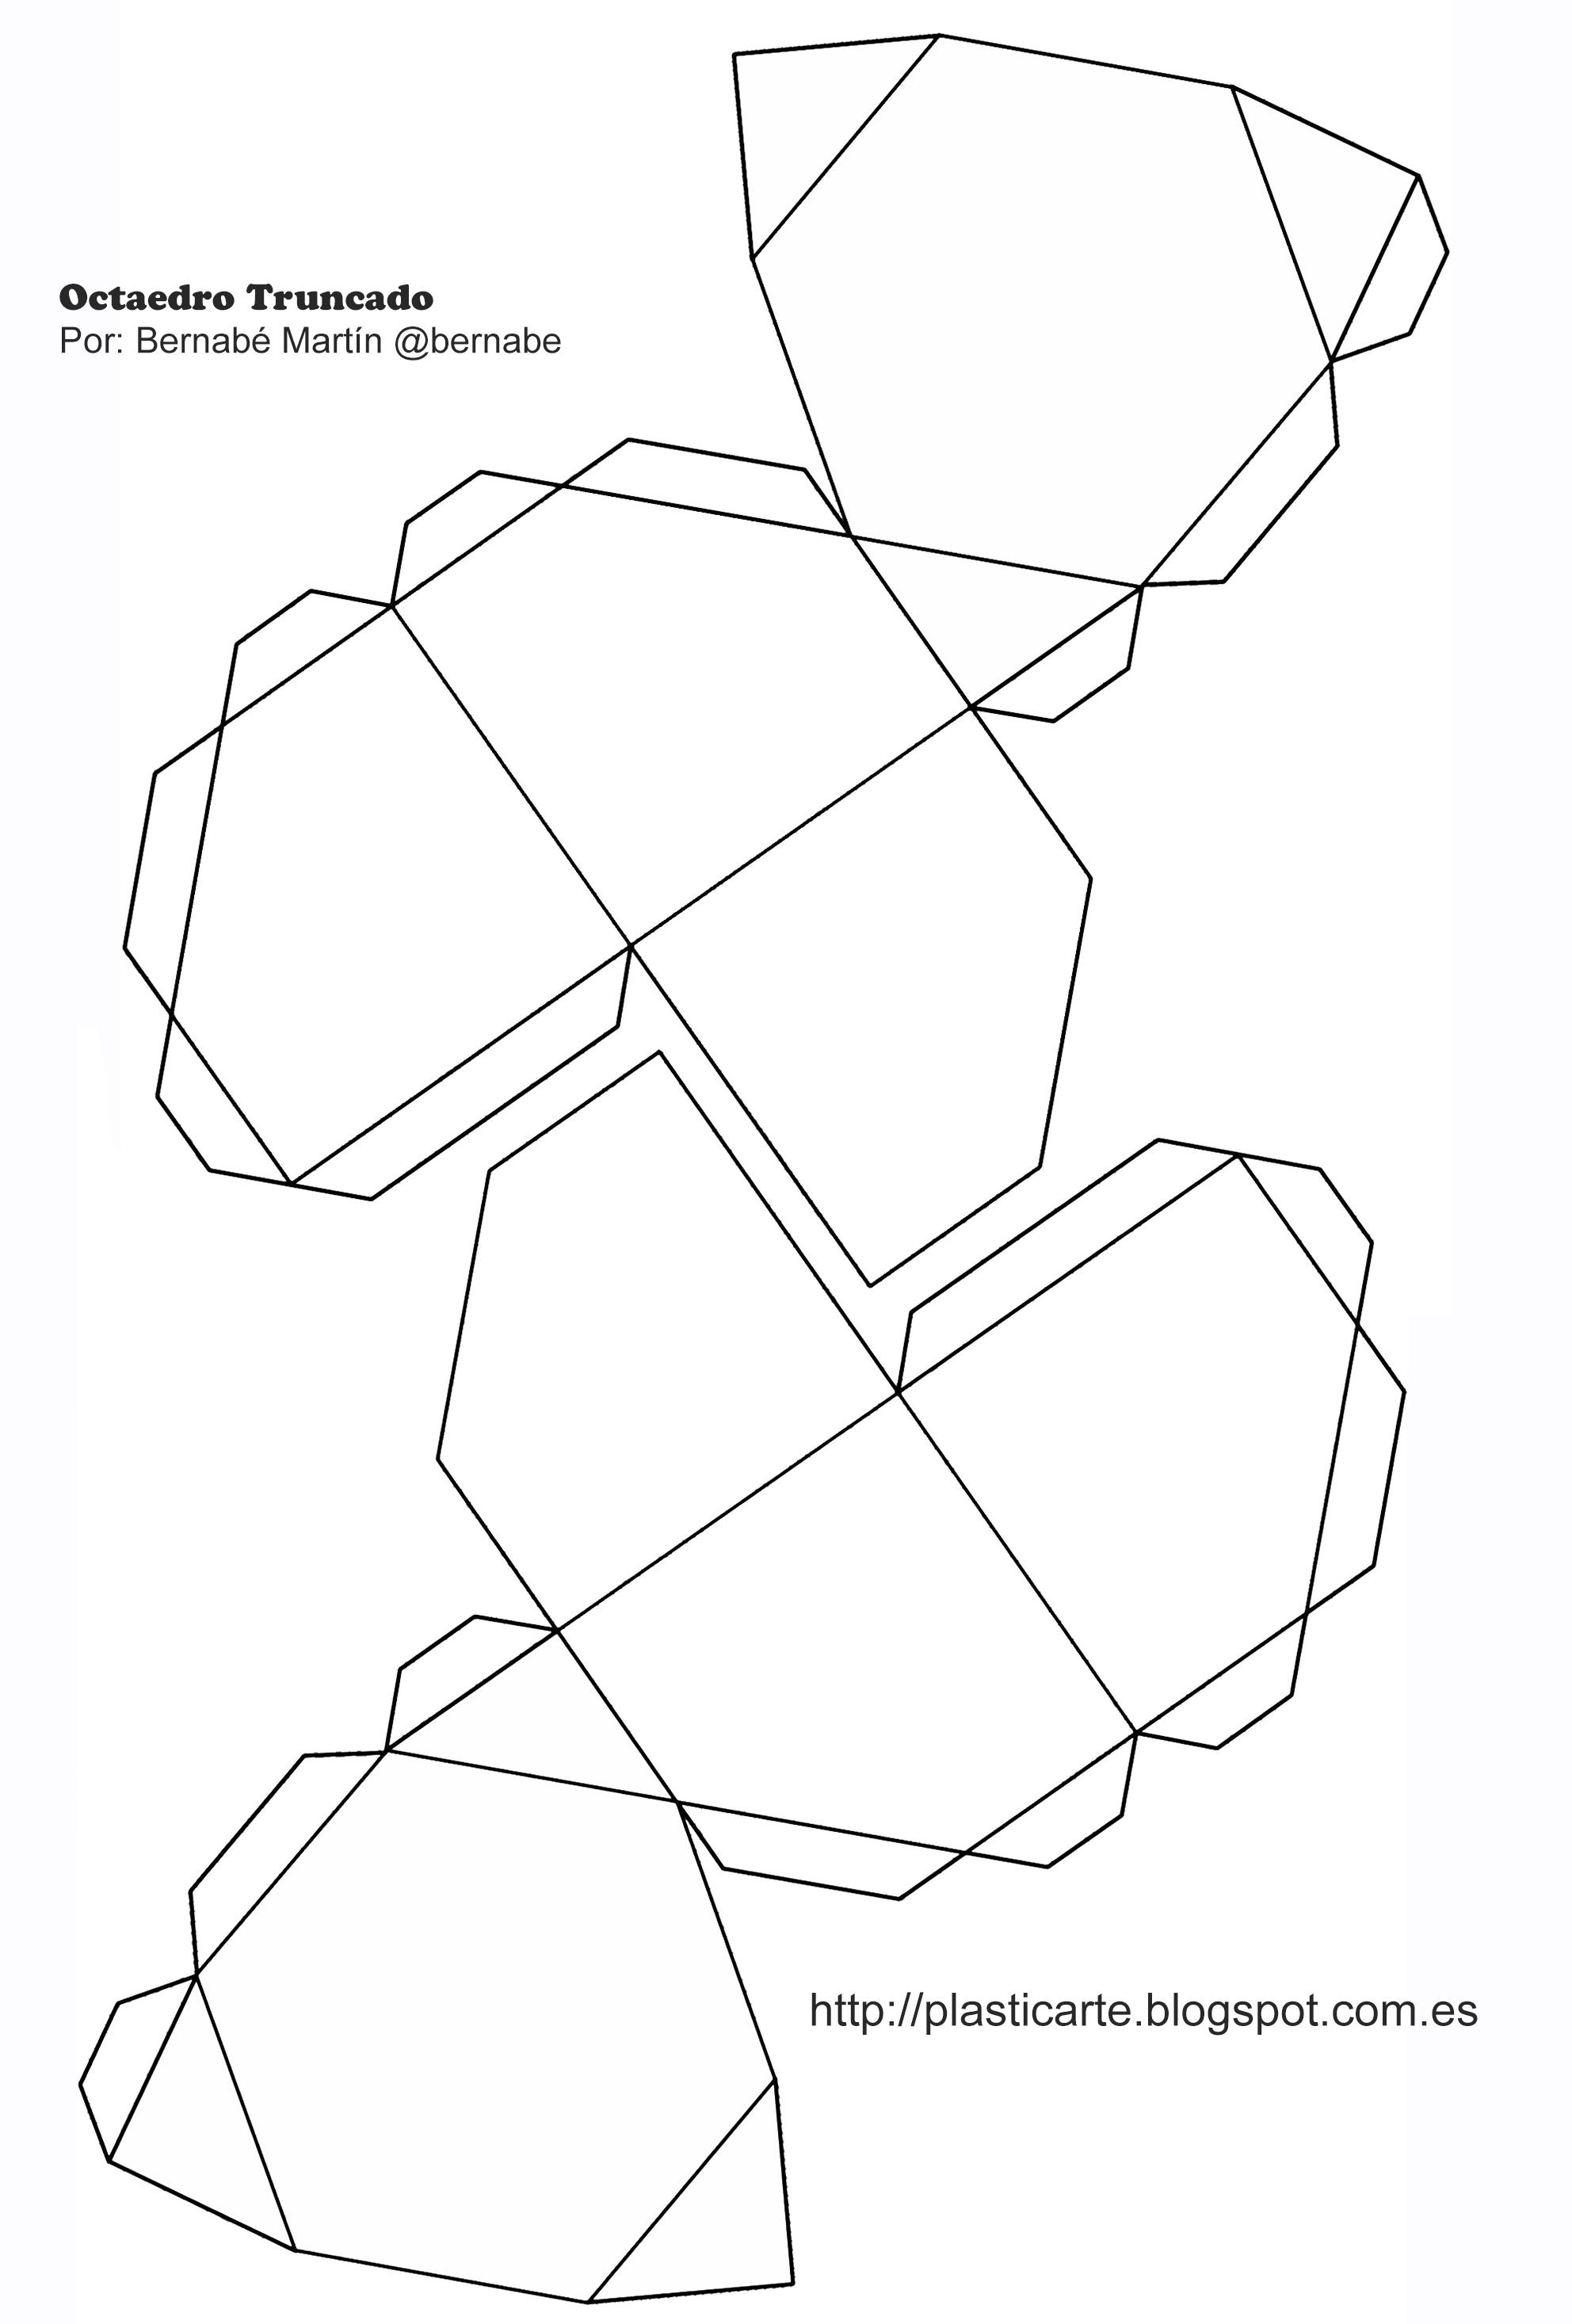 10.3. Plantillas | La papiroflexia como recurso didáctico para las ...